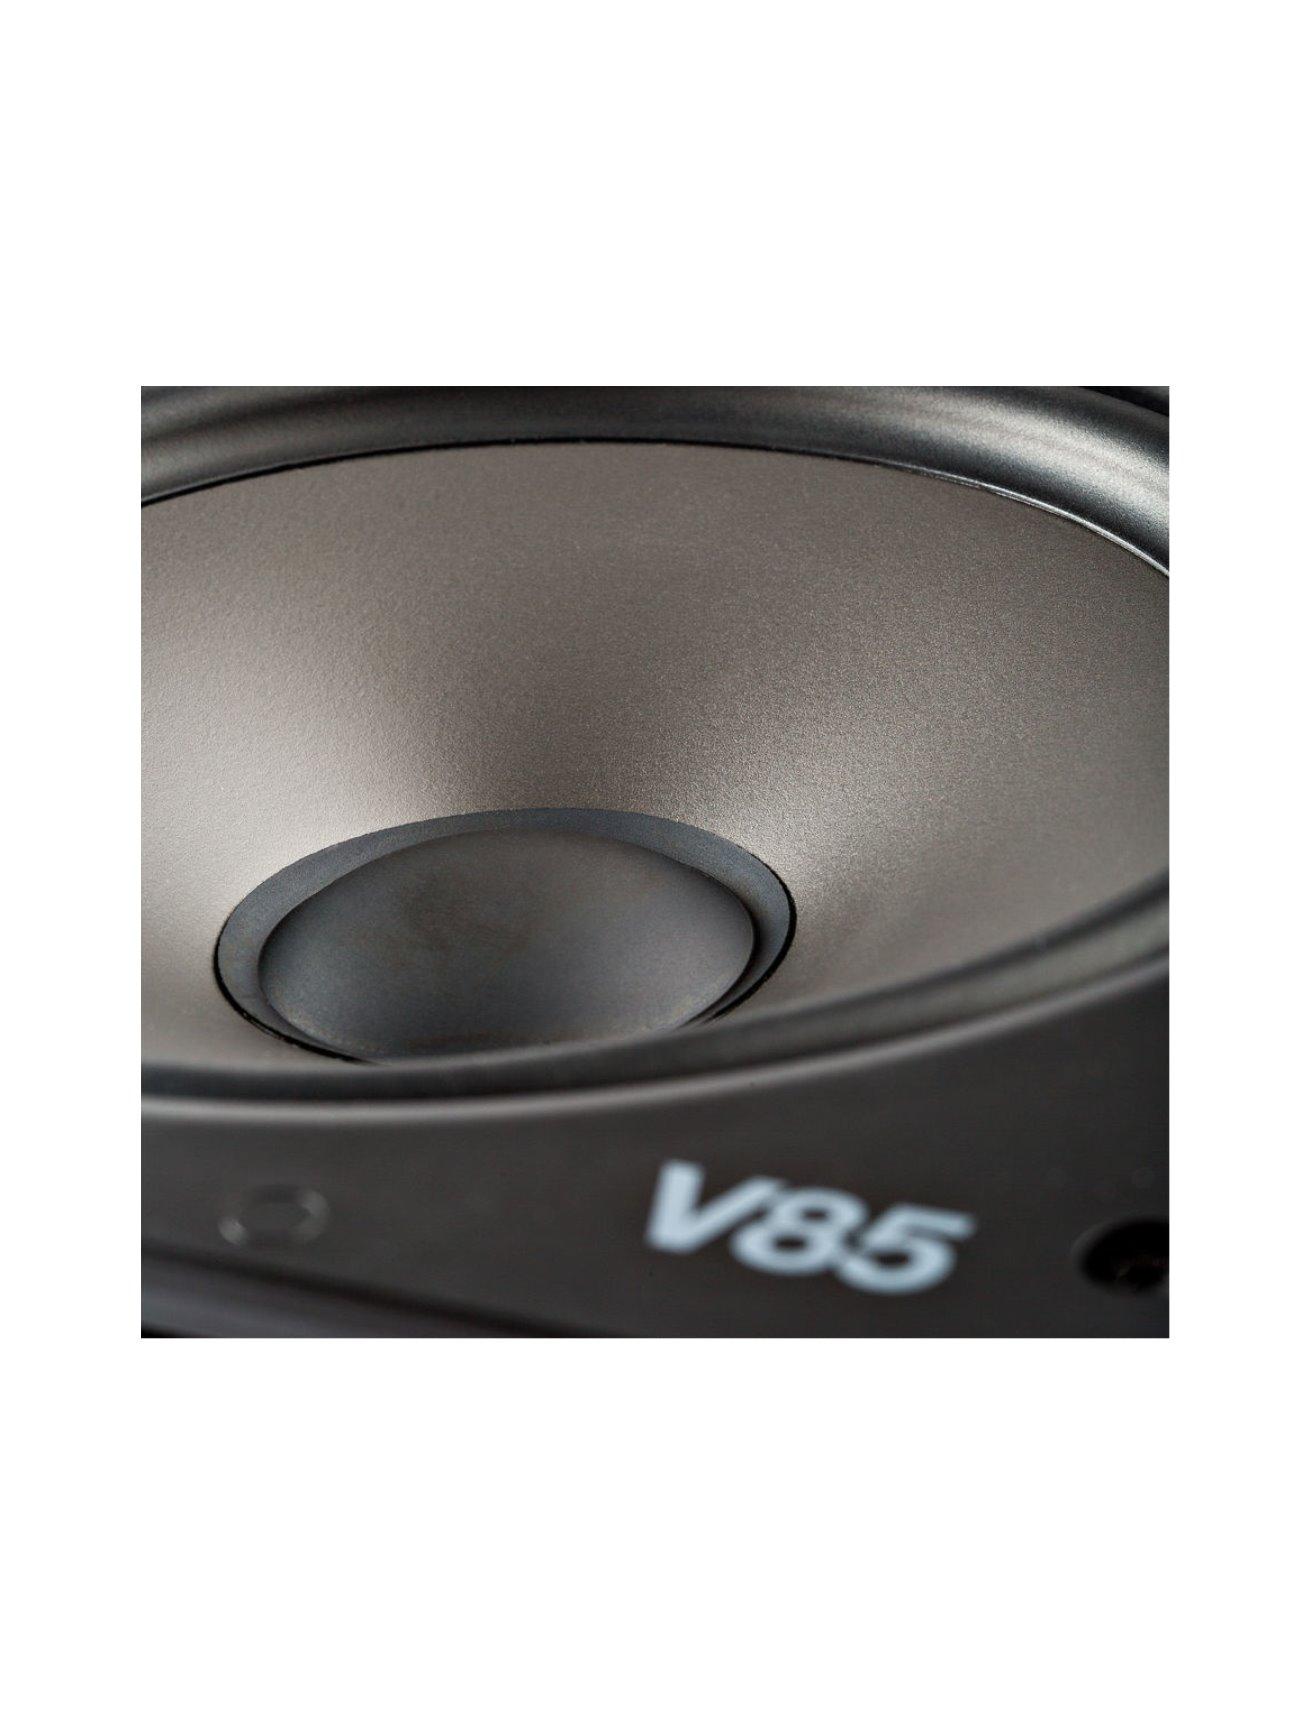 Polk Audio V85 Χωνευτό Ηχείο 8″ 8Ω 125W